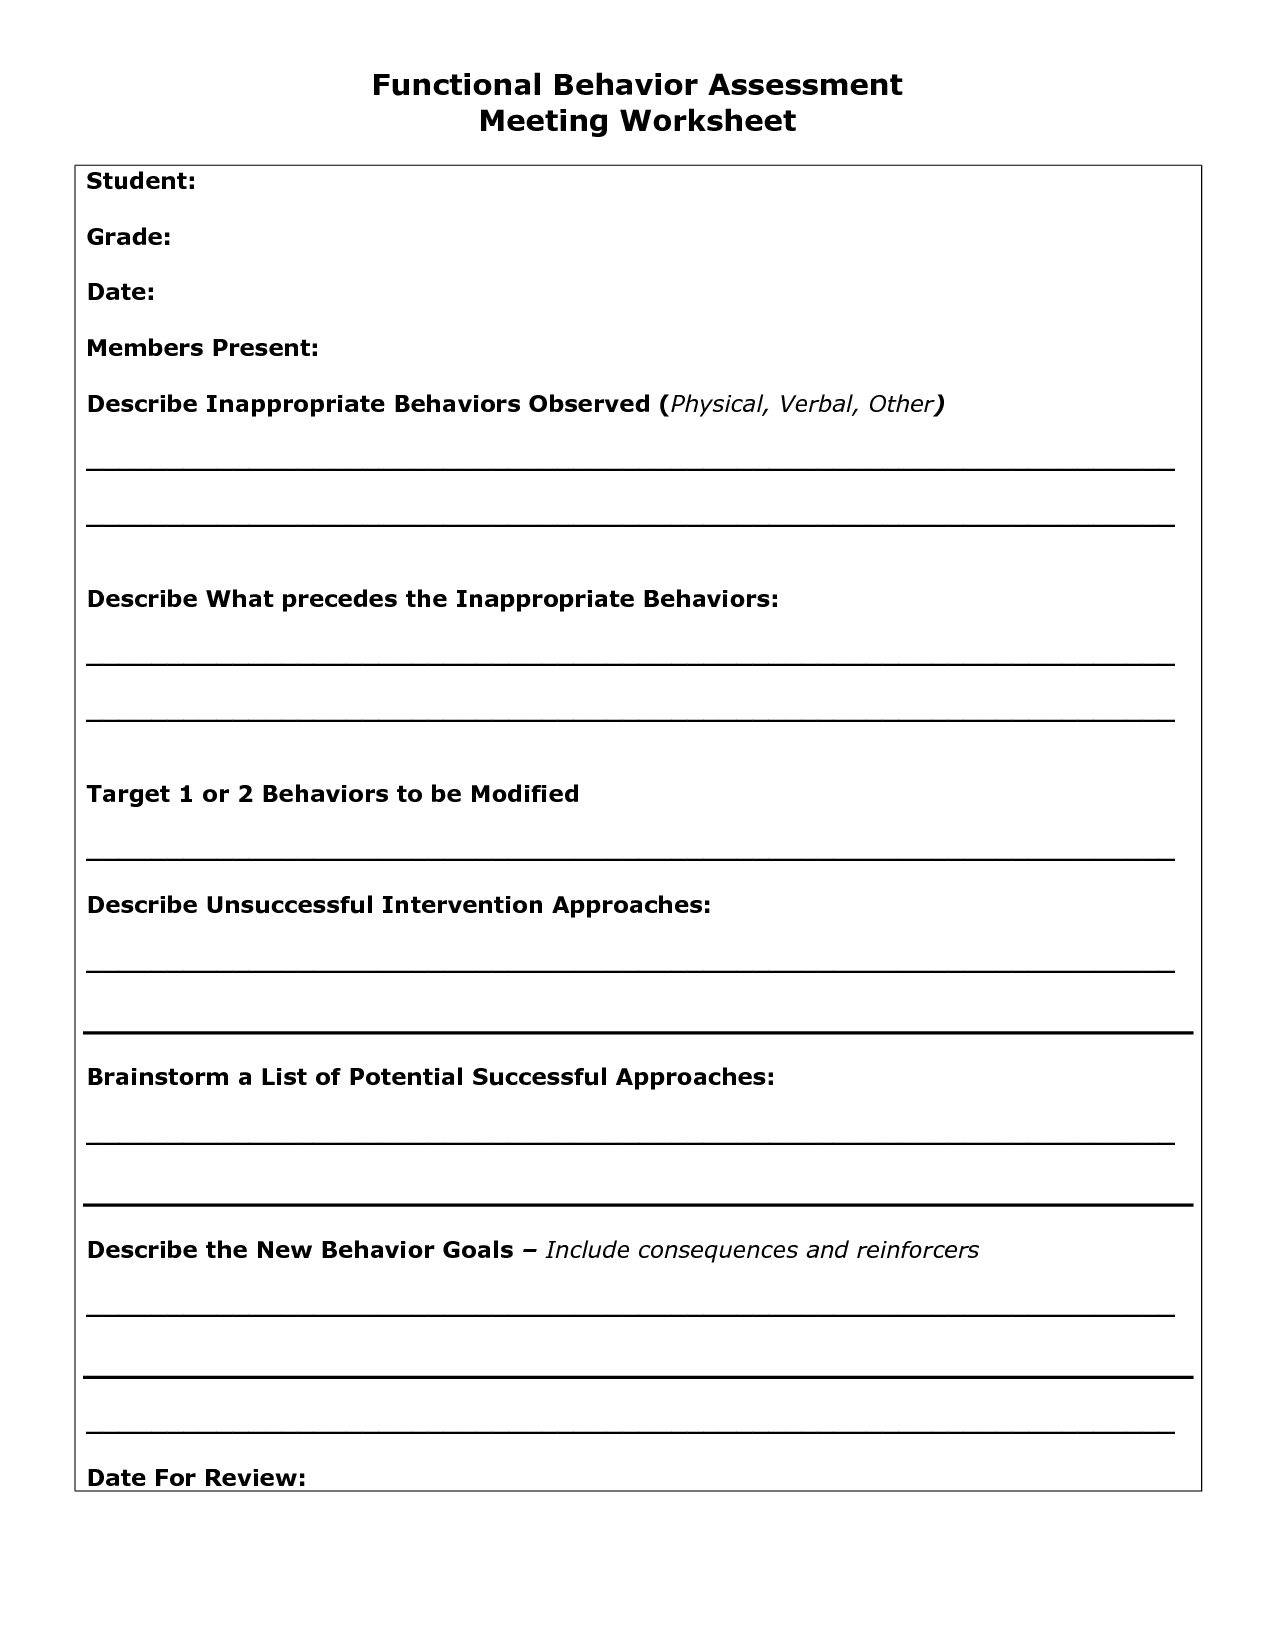 7 Best Images Of Worksheets For Students On Behavior